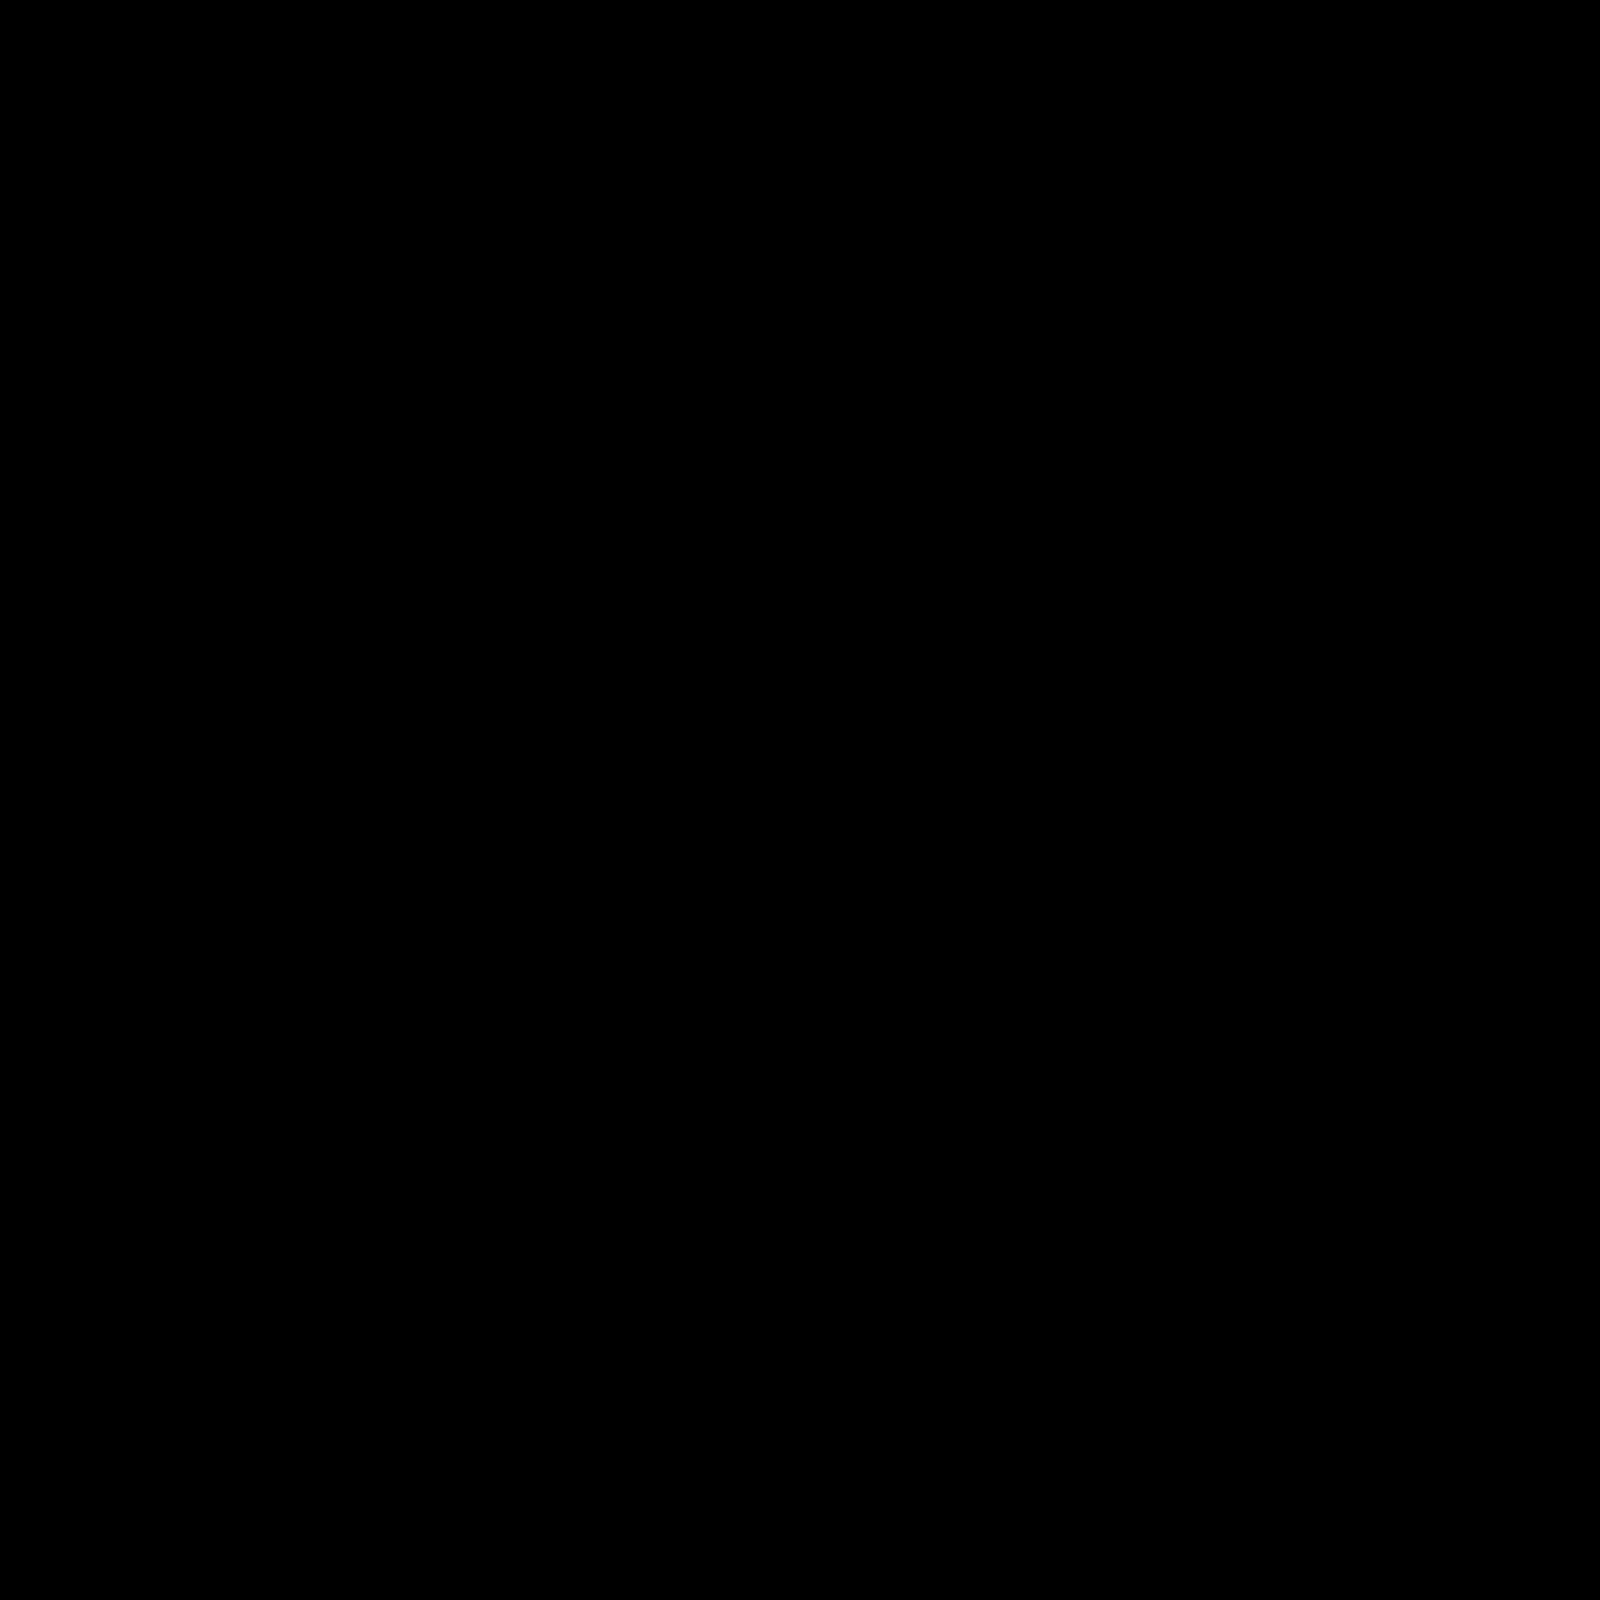 冰流行黄色 icon